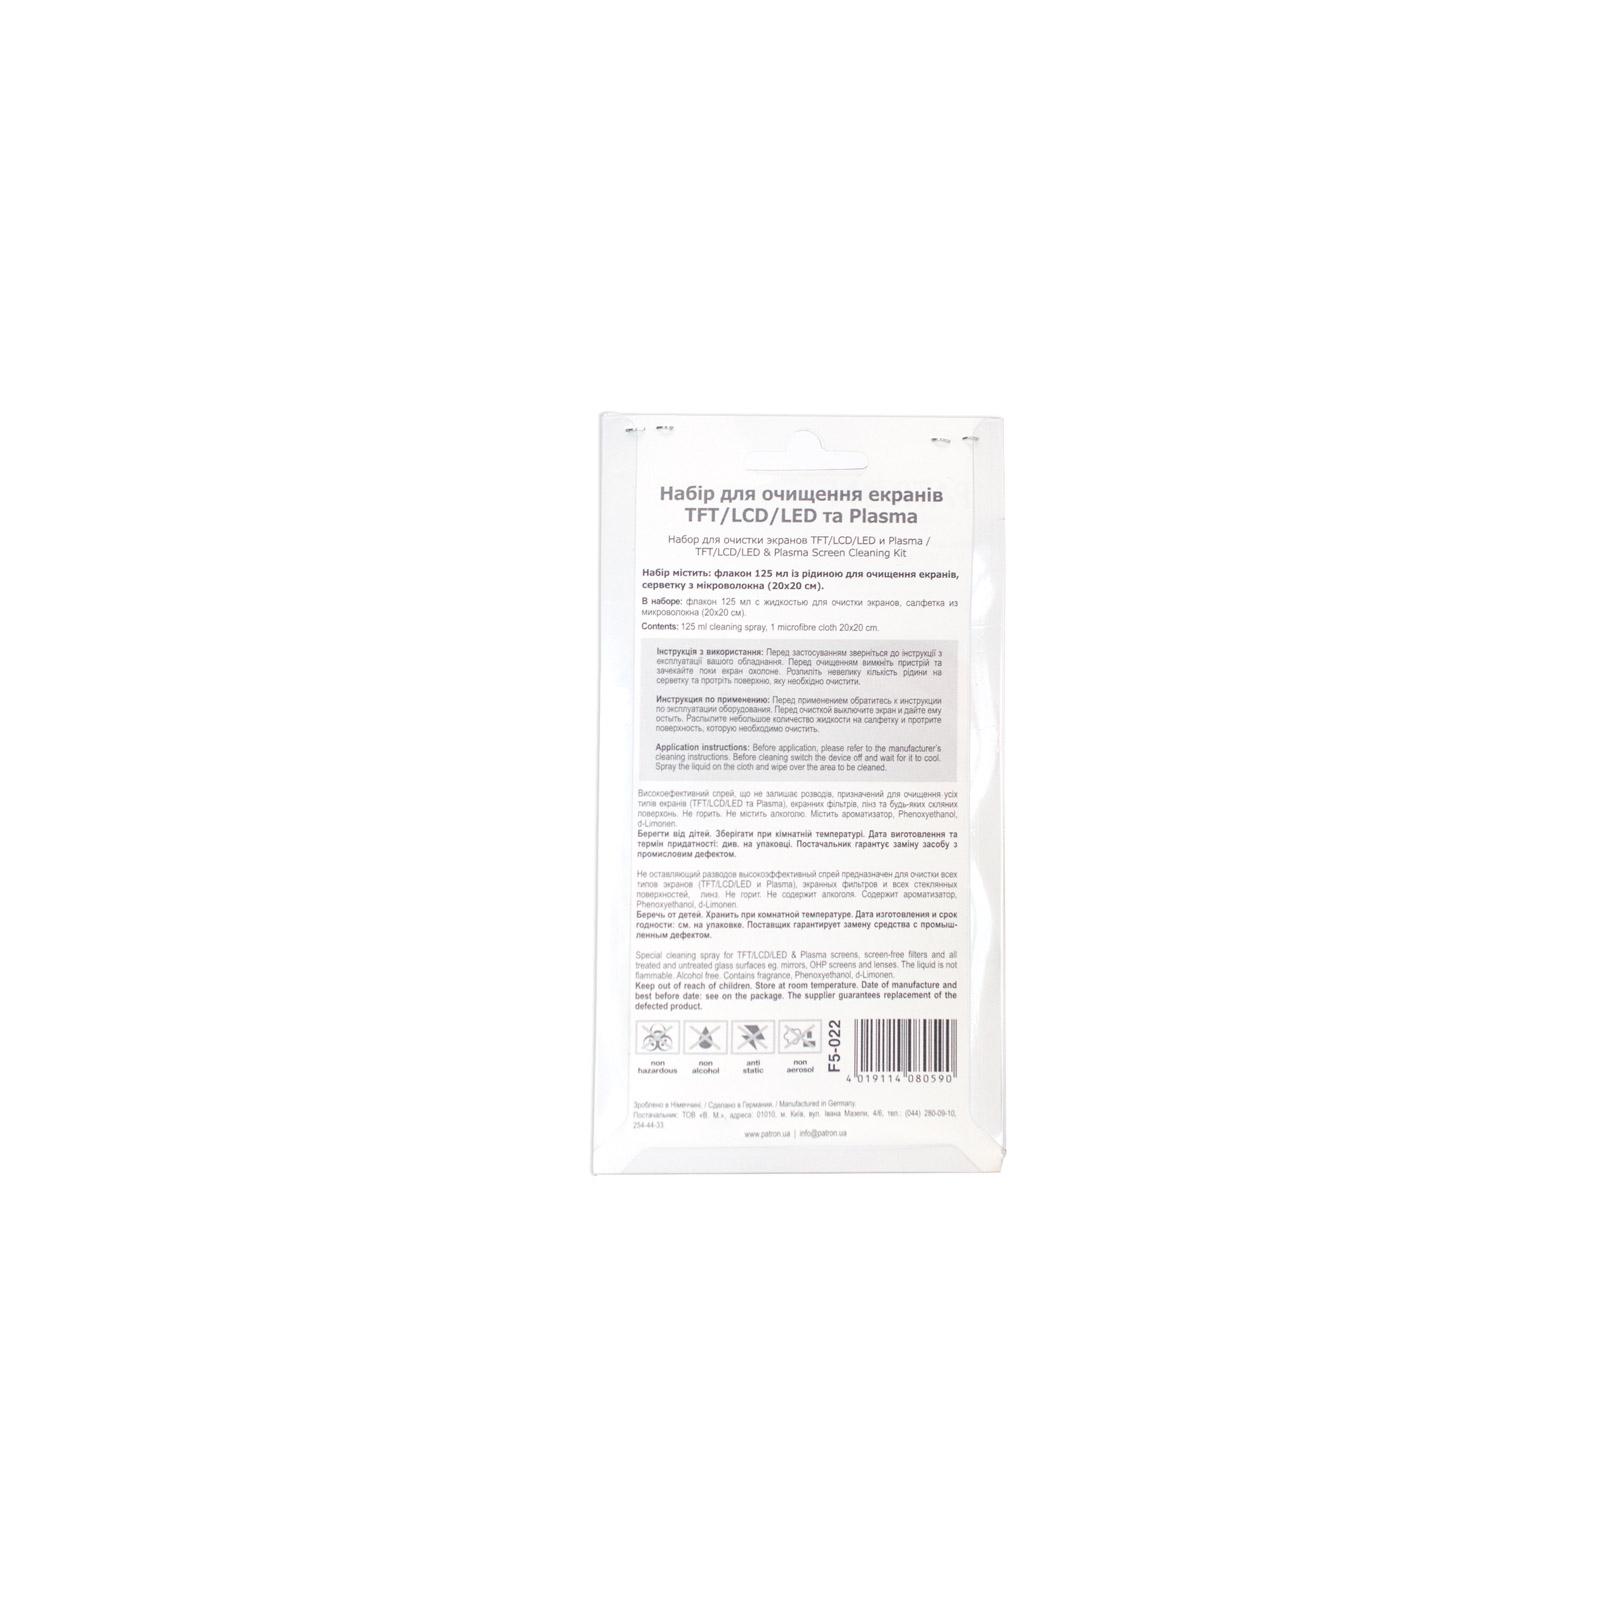 Универсальный чистящий набор PATRON for TFT/LCD/LED 125ml + Microfibre (F5-022) изображение 2